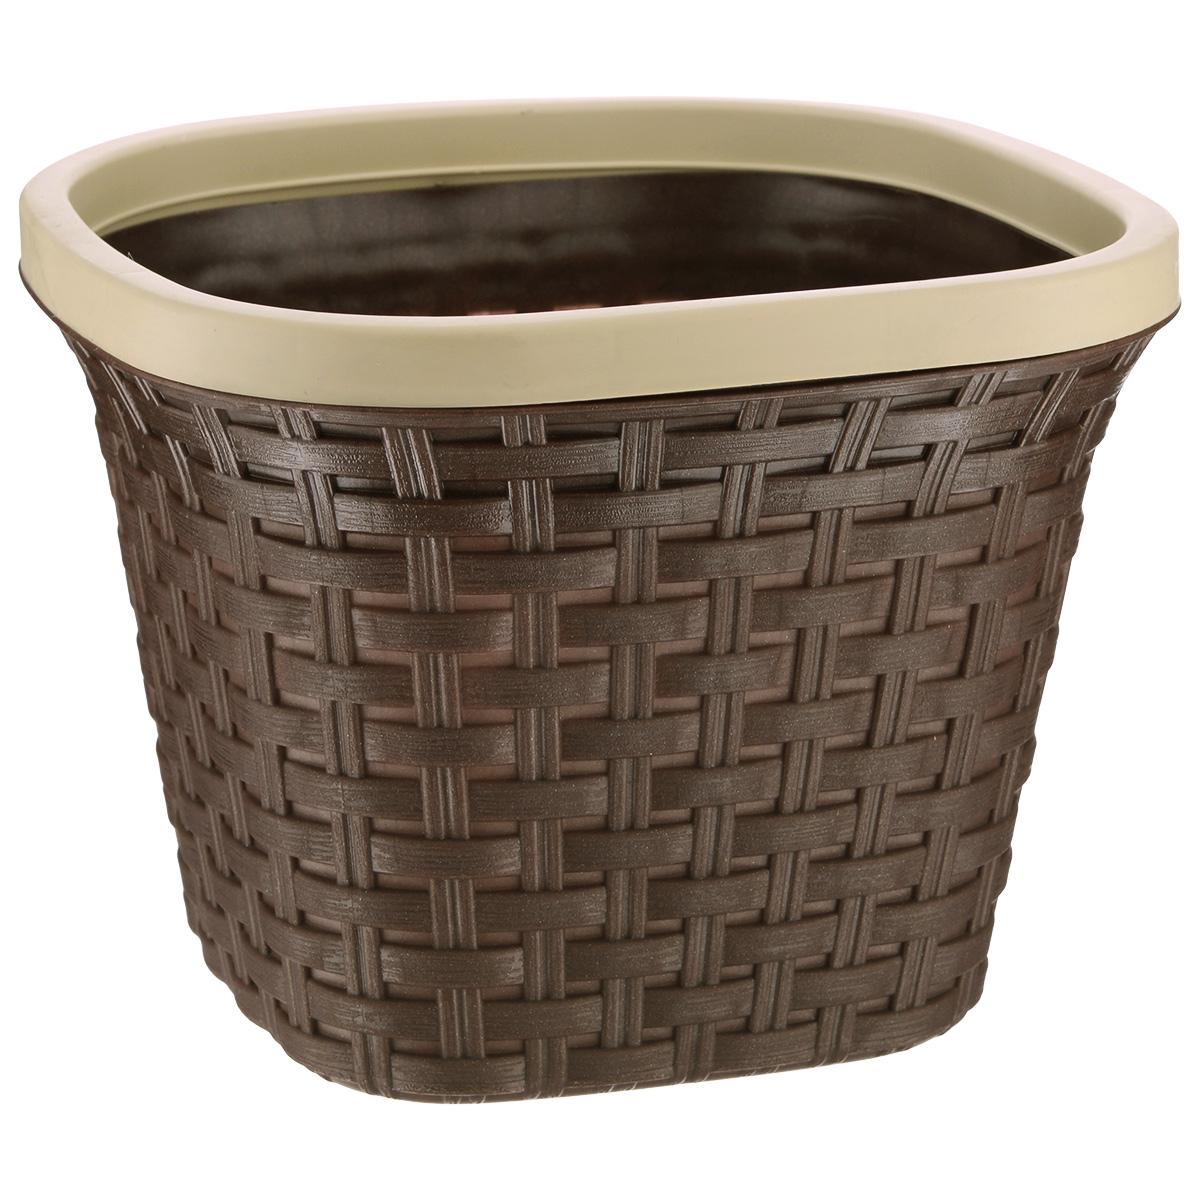 Кашпо квадратное Violet Ротанг, с дренажной системой, цвет: коричневый, 3,8 л33380/1Квадратное кашпо Violet Ротанг изготовлено из высококачественного пластика и оснащено дренажной системой для быстрого отведения избытка воды при поливе. Изделие прекрасно подходит для выращивания растений и цветов в домашних условиях. Лаконичный дизайн впишется в интерьер любого помещения. Объем: 3,8 л.